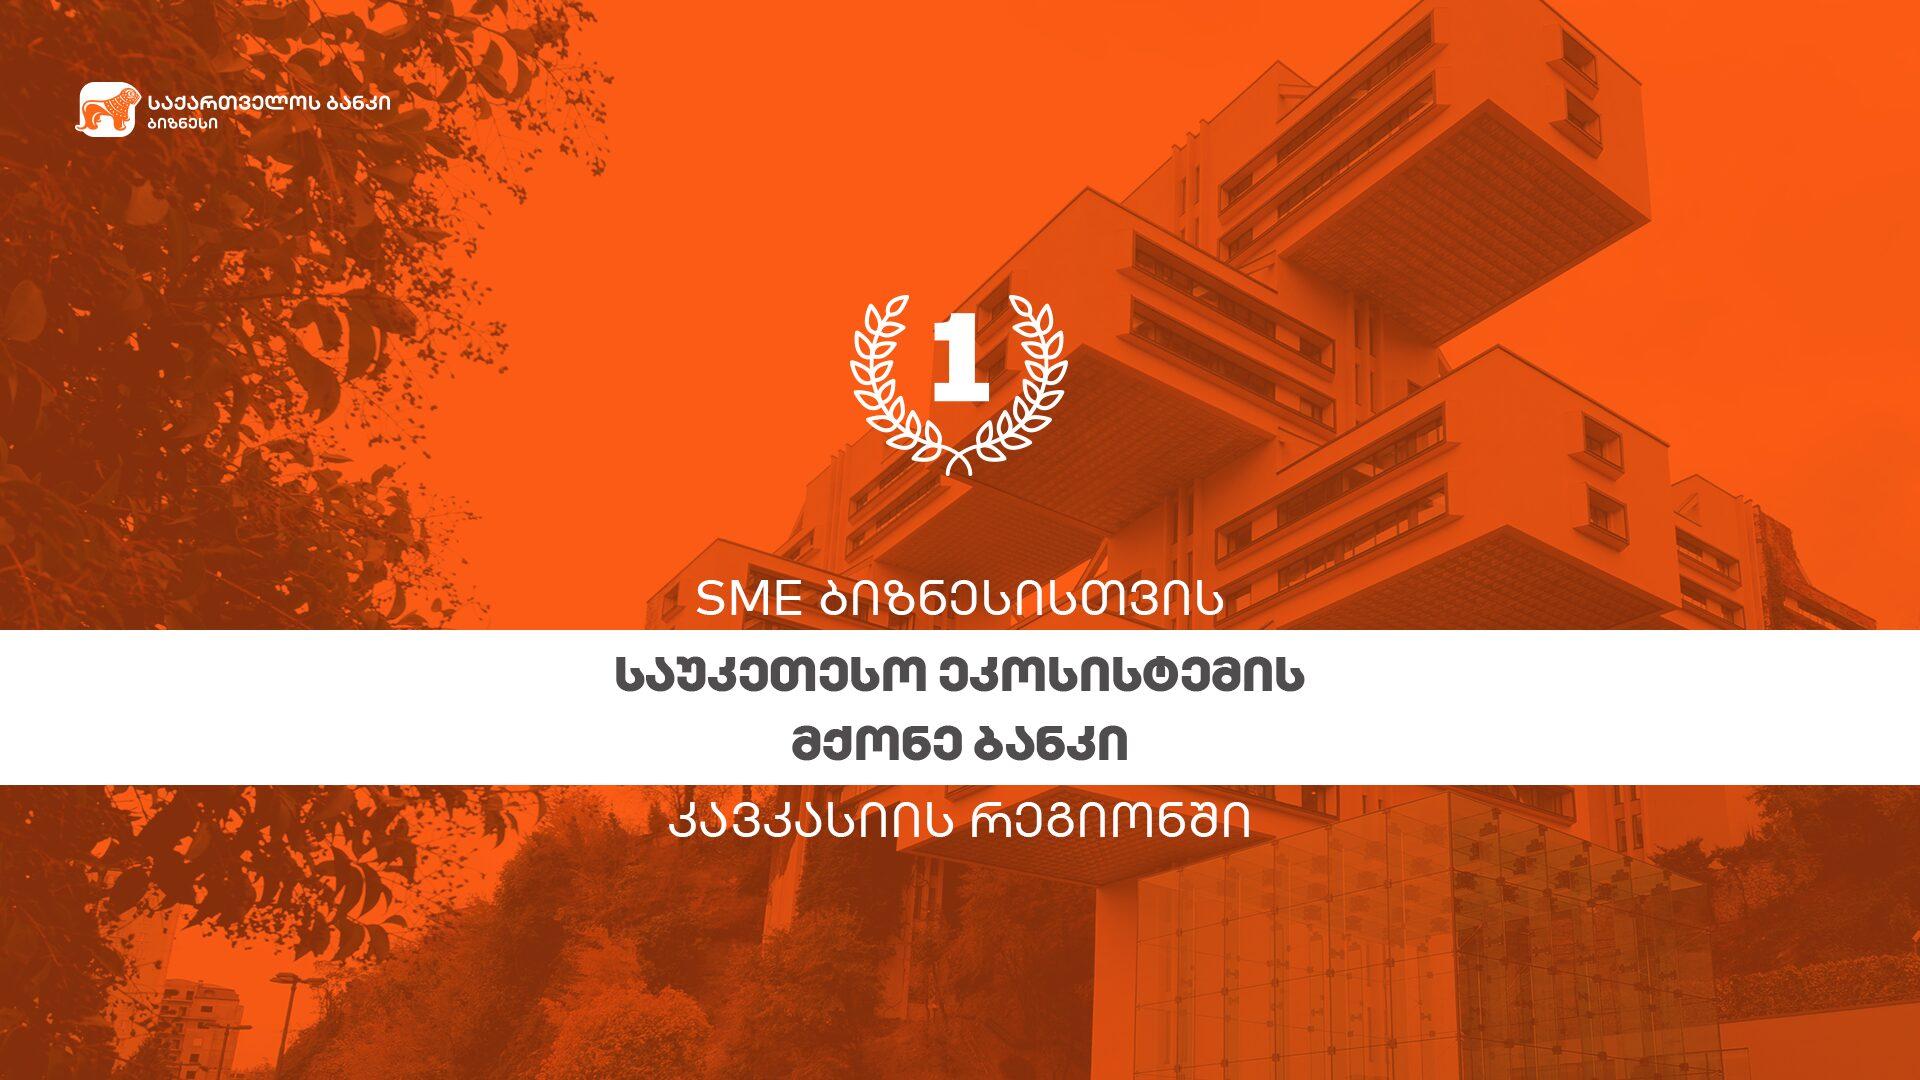 Photo of SME Banking Club-მა საქართველოს ბანკი კავკასიის რეგიონში SME ბიზნესისთვის საუკეთესო ეკოსისტემების მქონე ბანკად დაასახელა